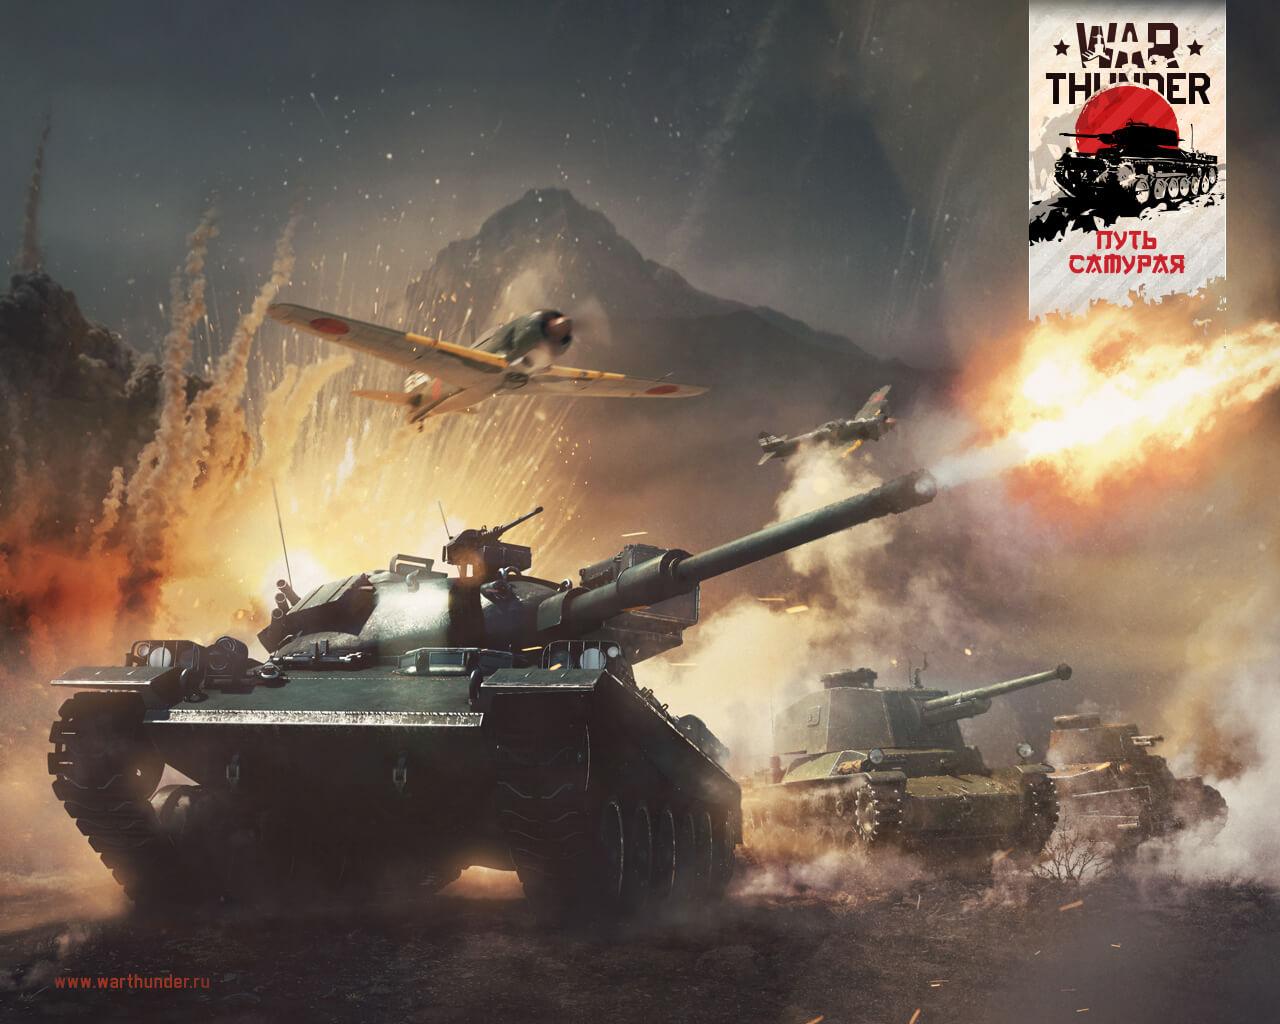 Відбувся прес-реліз онлайн-гри War Thunder